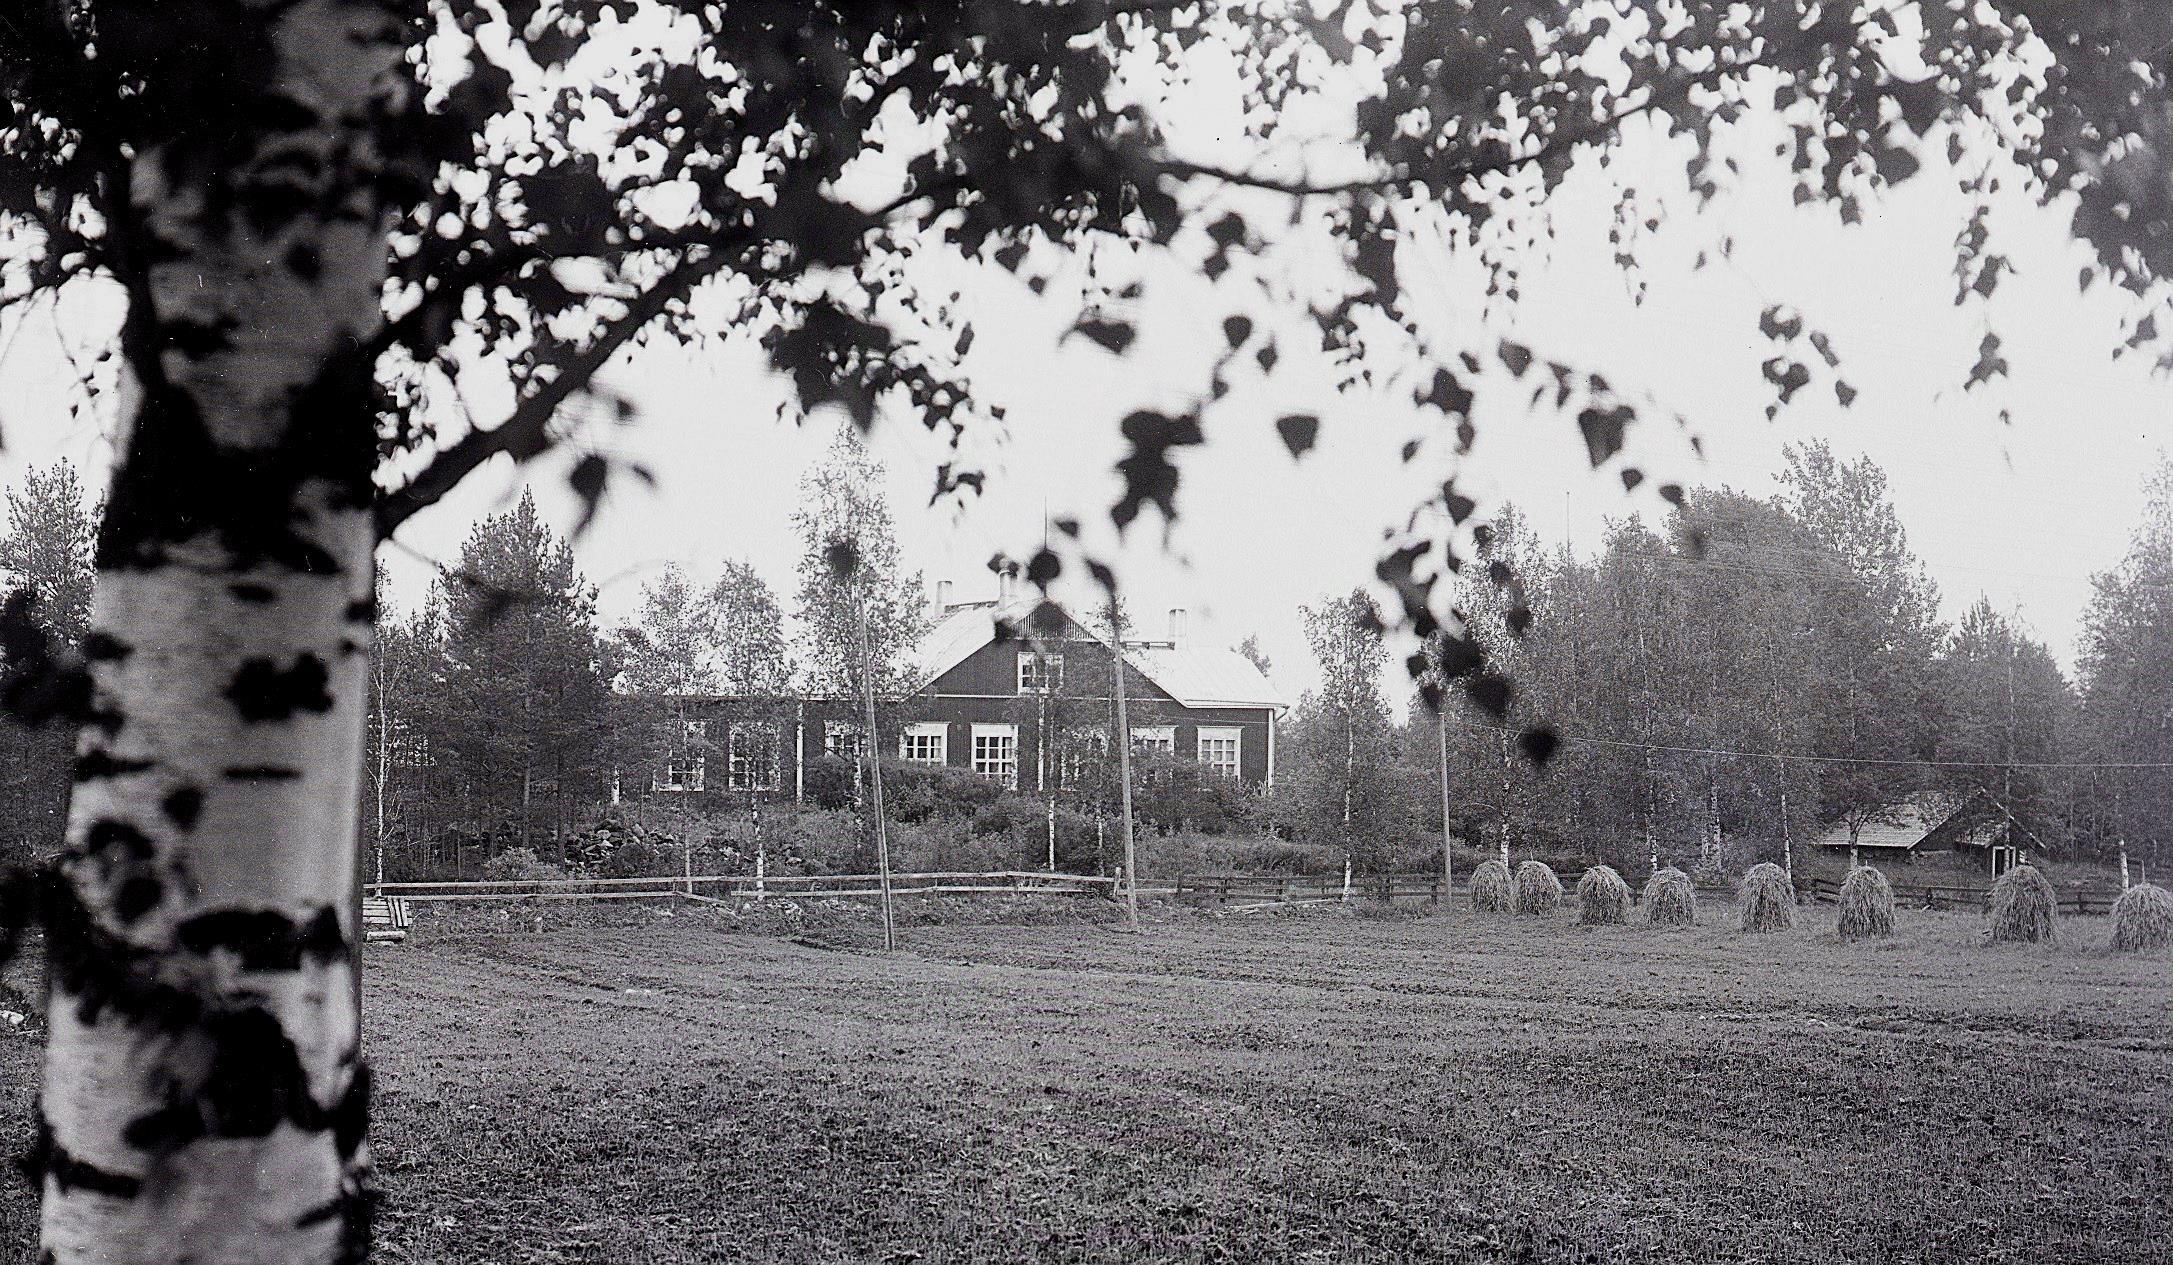 Efter mycket om och men blev det bestämt i kommunen att också Uttermossa skulle få en egen skola och Viktor Nylund byggde den år 1914 och den kunde invigas i januari 1915. Fotot taget av Selim Björses från Lappfjärd men det var alltså Viktor som byggde den.